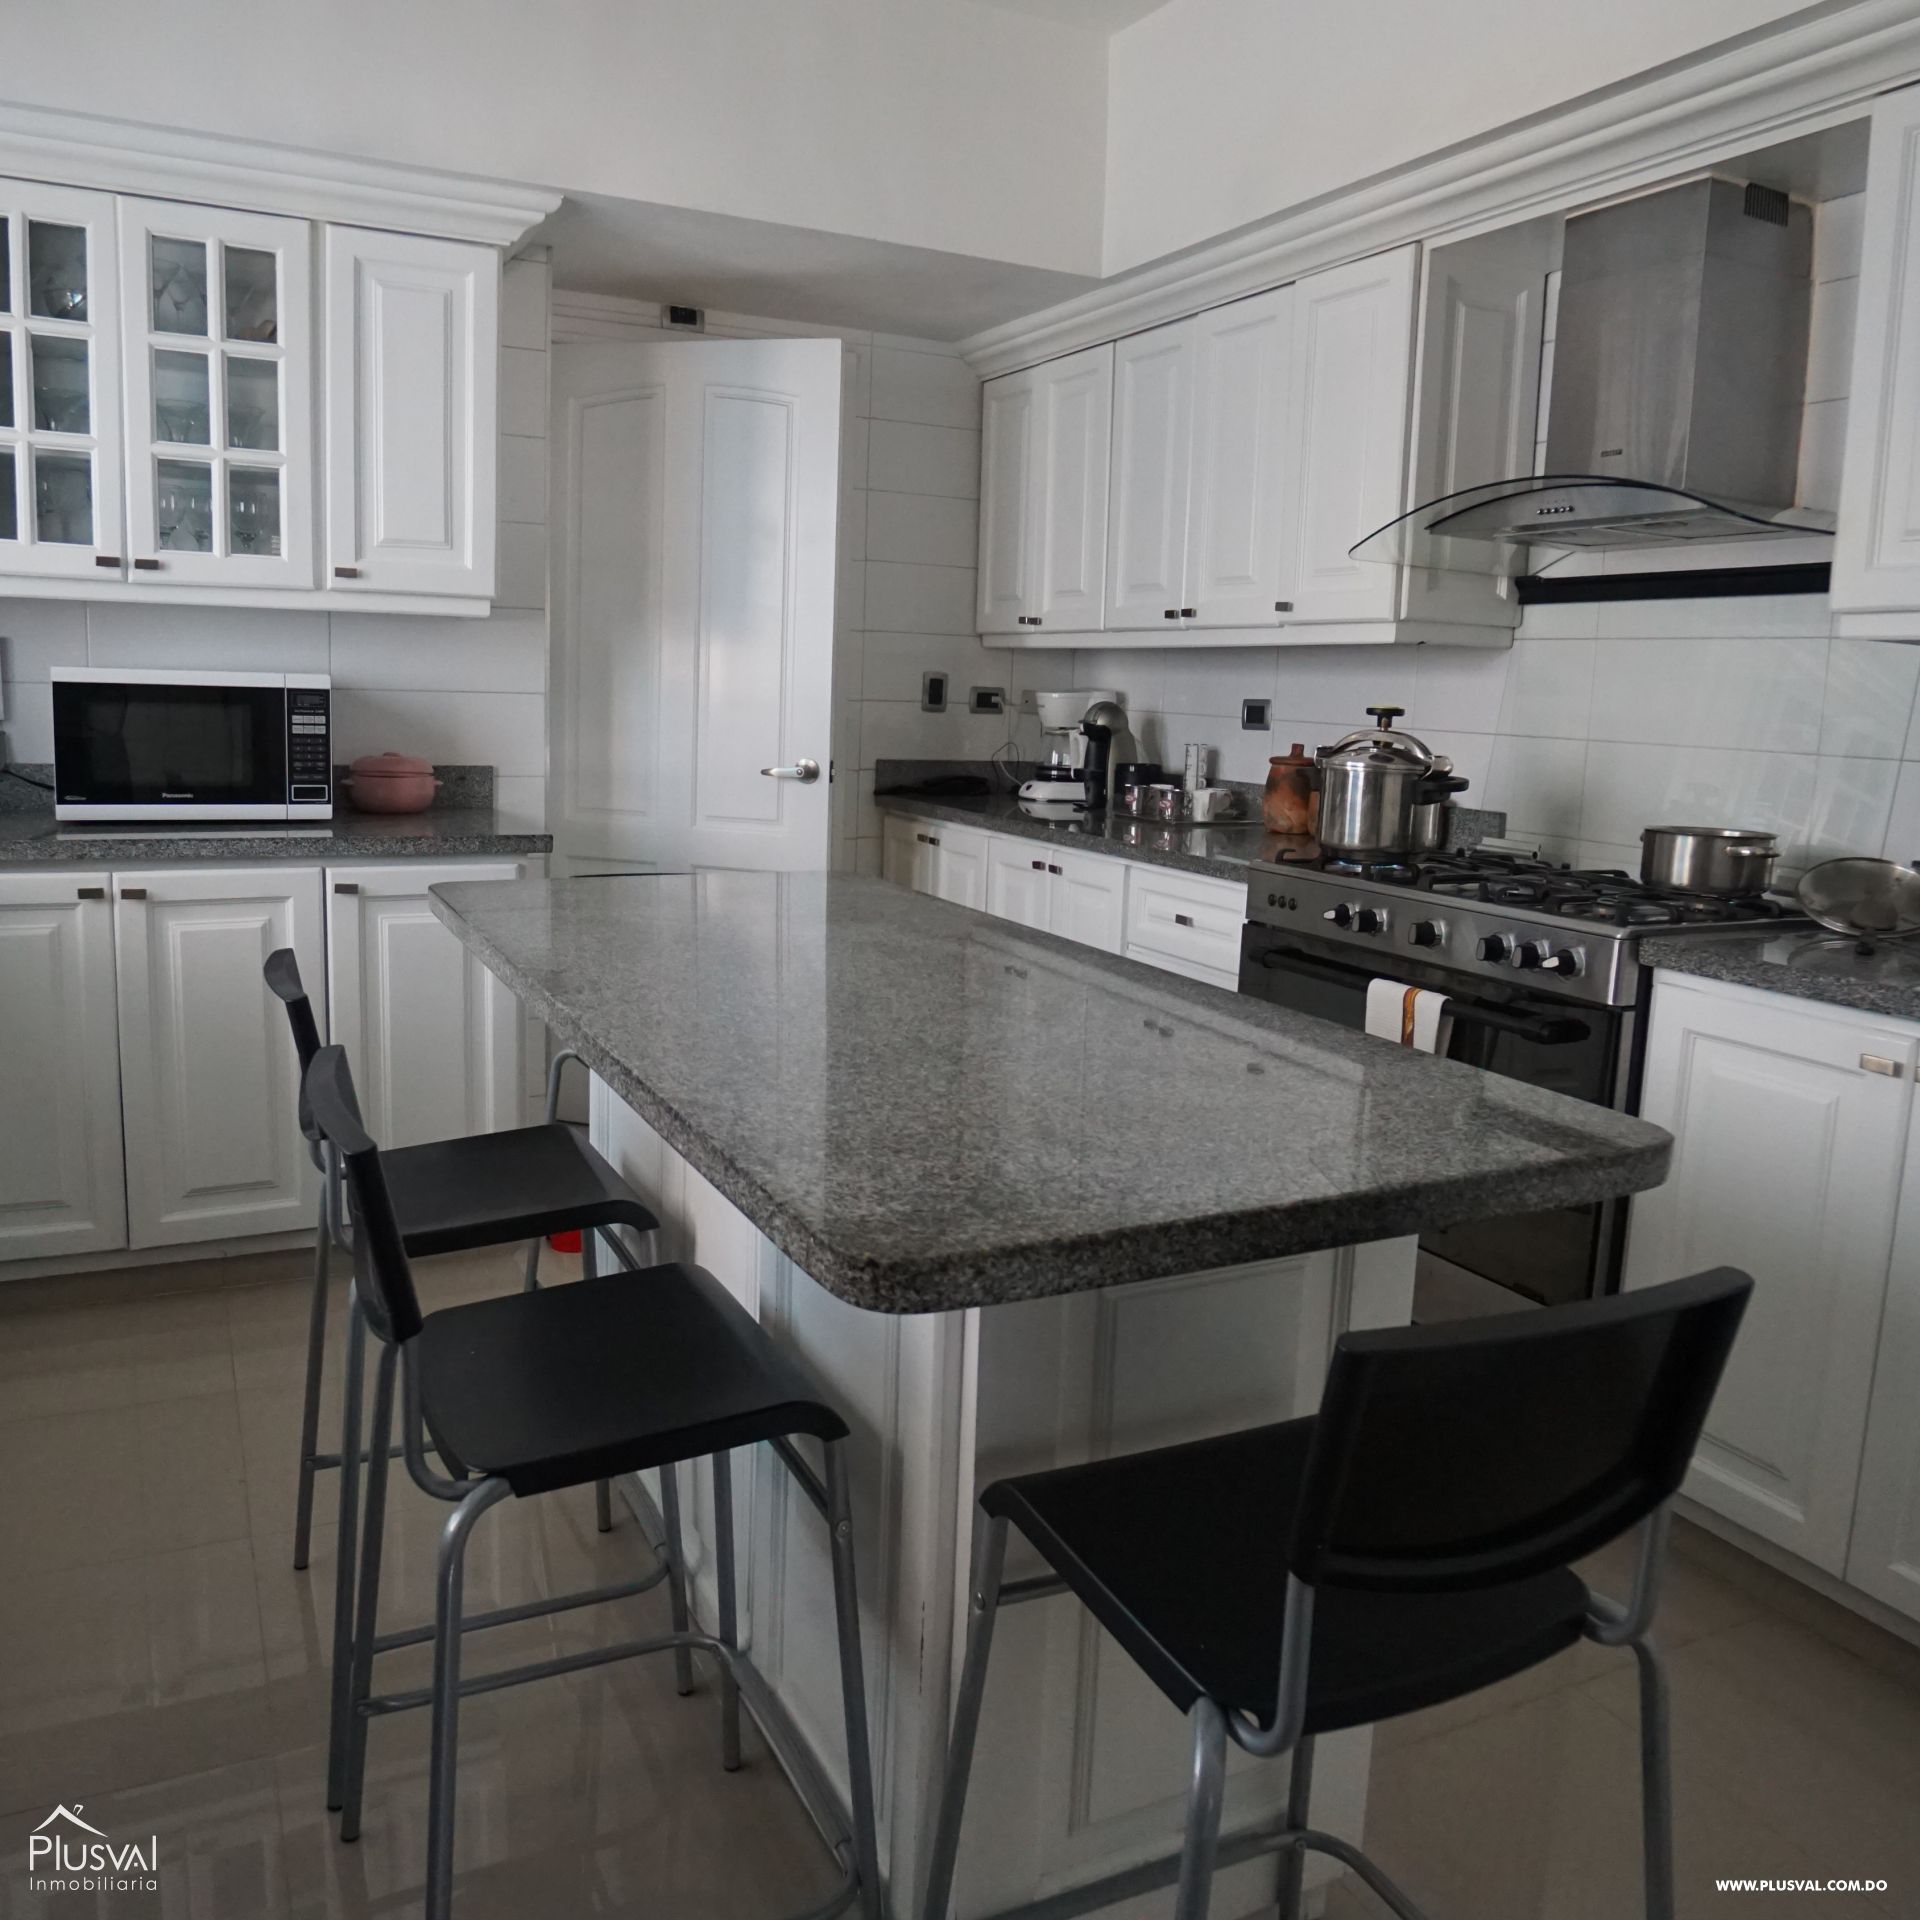 Lujoso apartamento en VENTA en Zona Residencial de NACO 182966